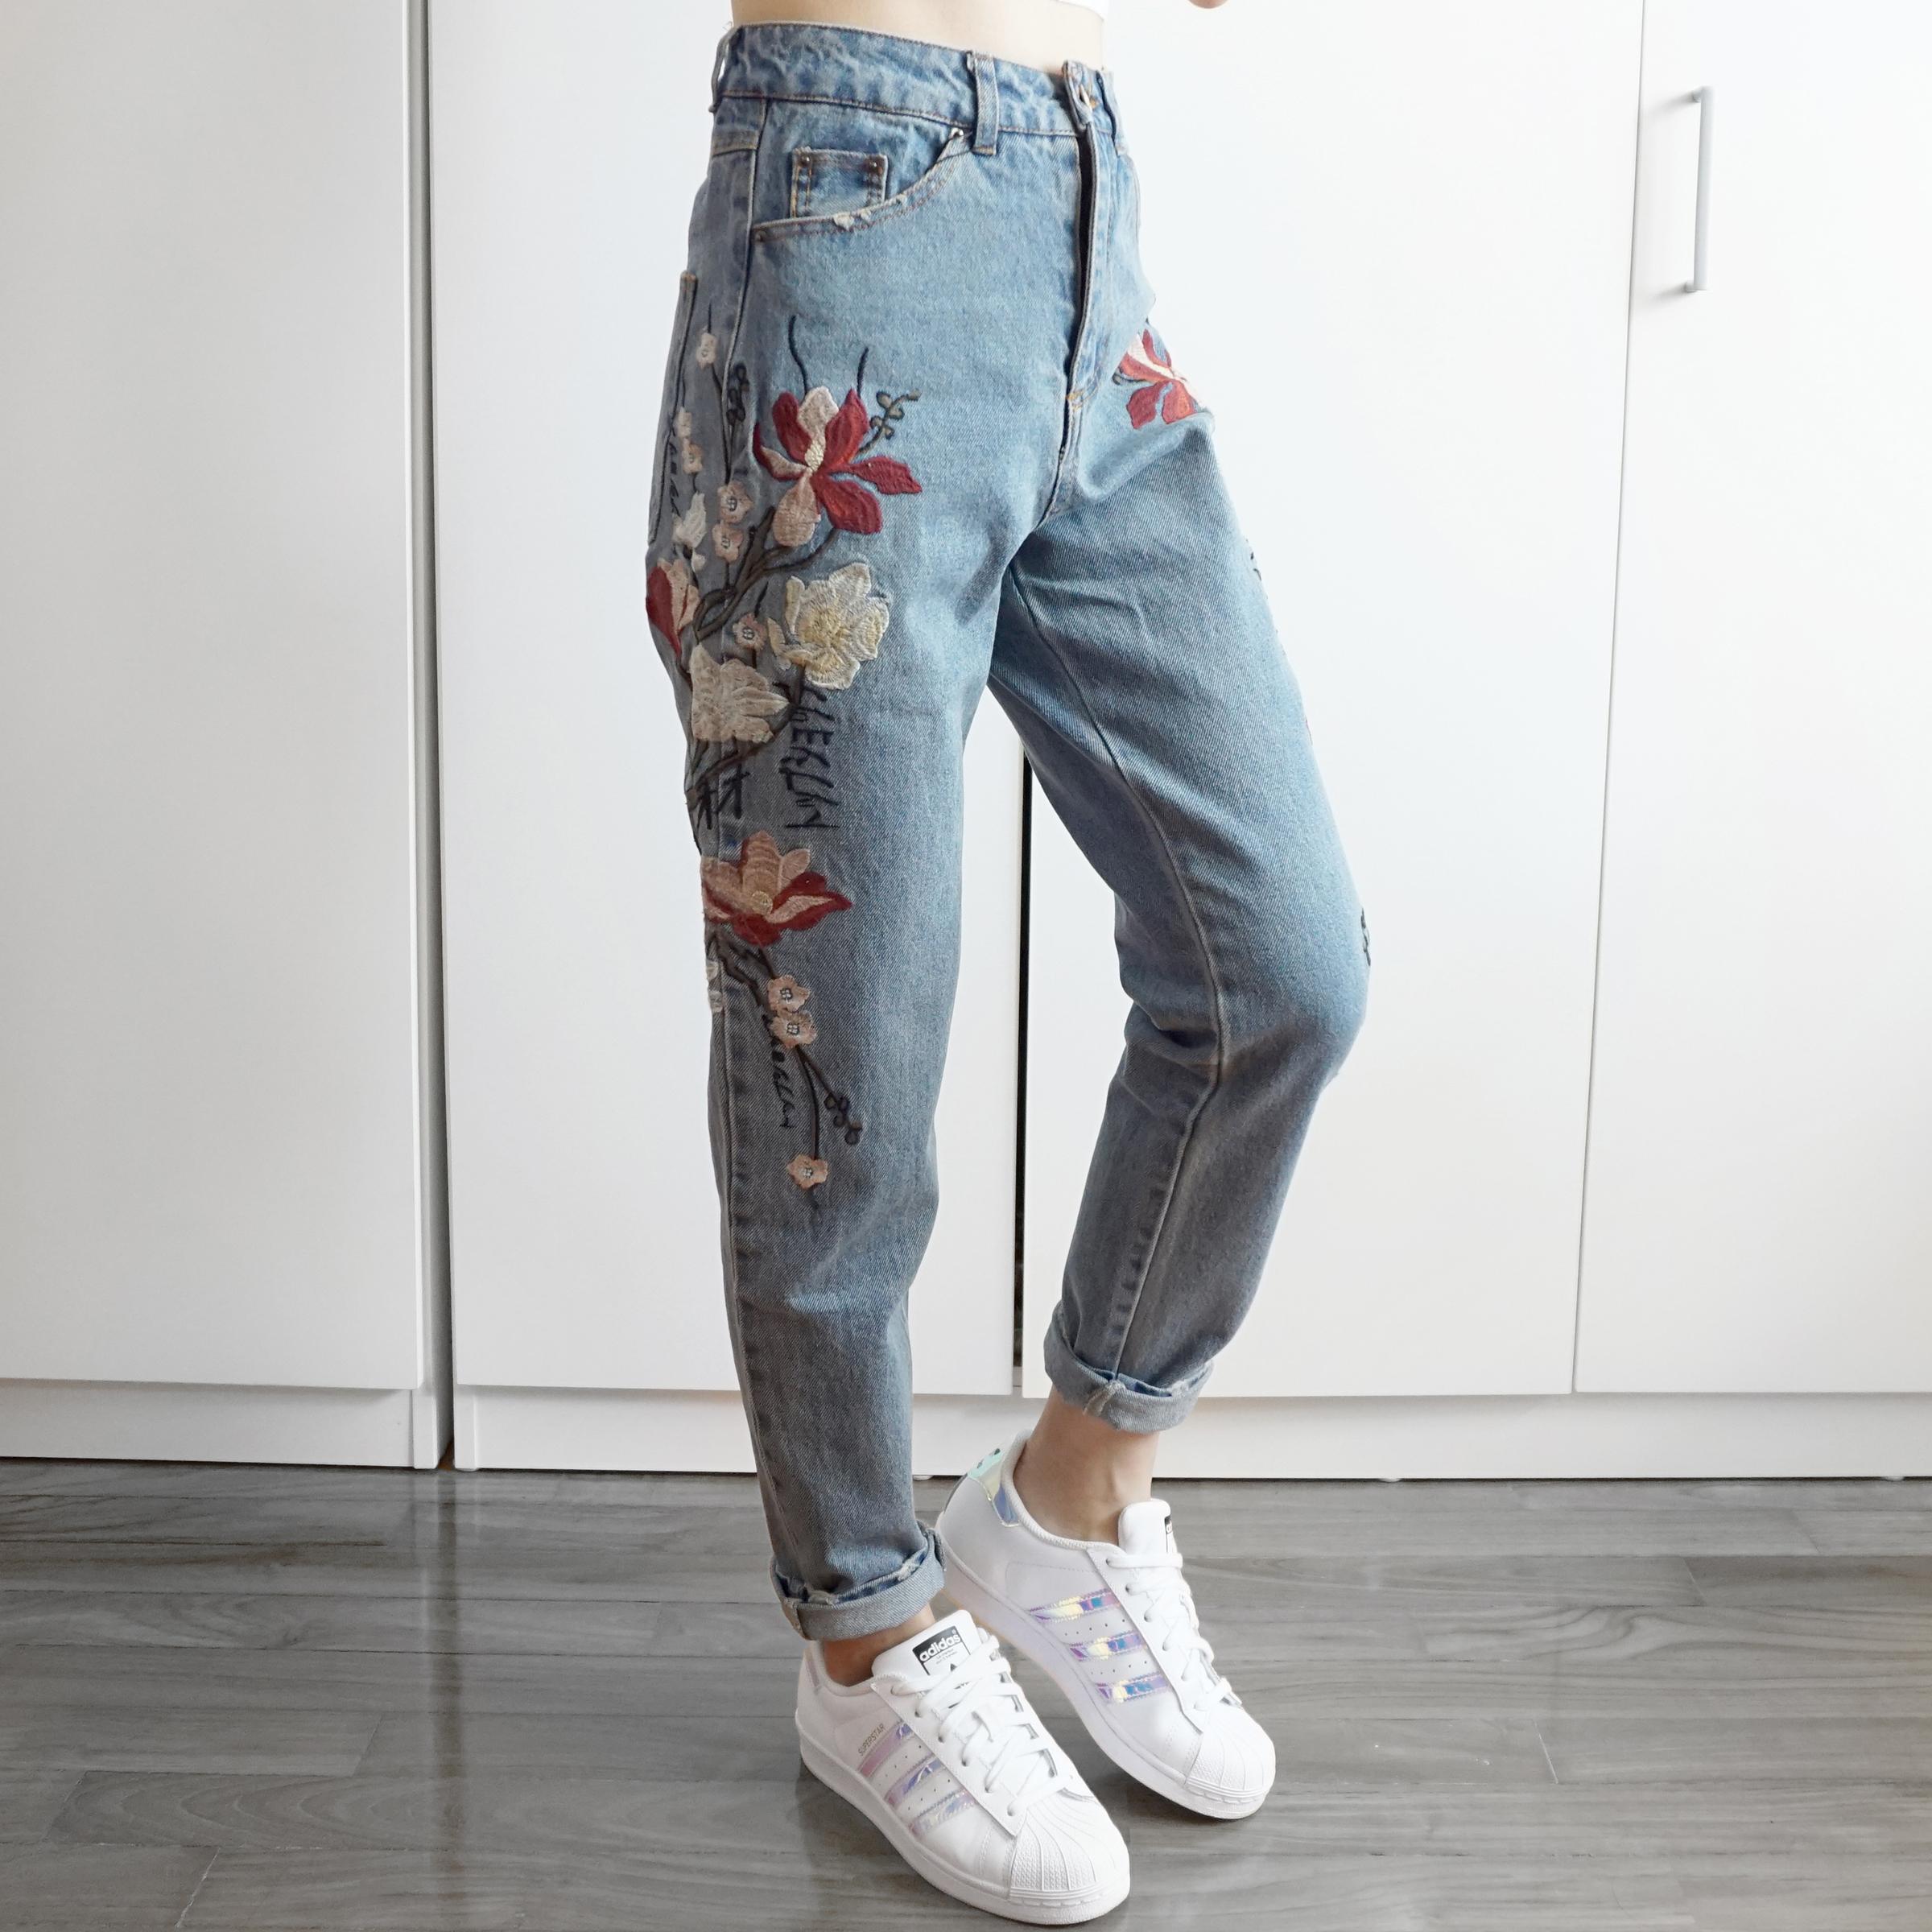 b61aa7cd9fe2e7 Embroidered Floral Boyfriend Denim Jeans (Med Blue) · Megoosta ...